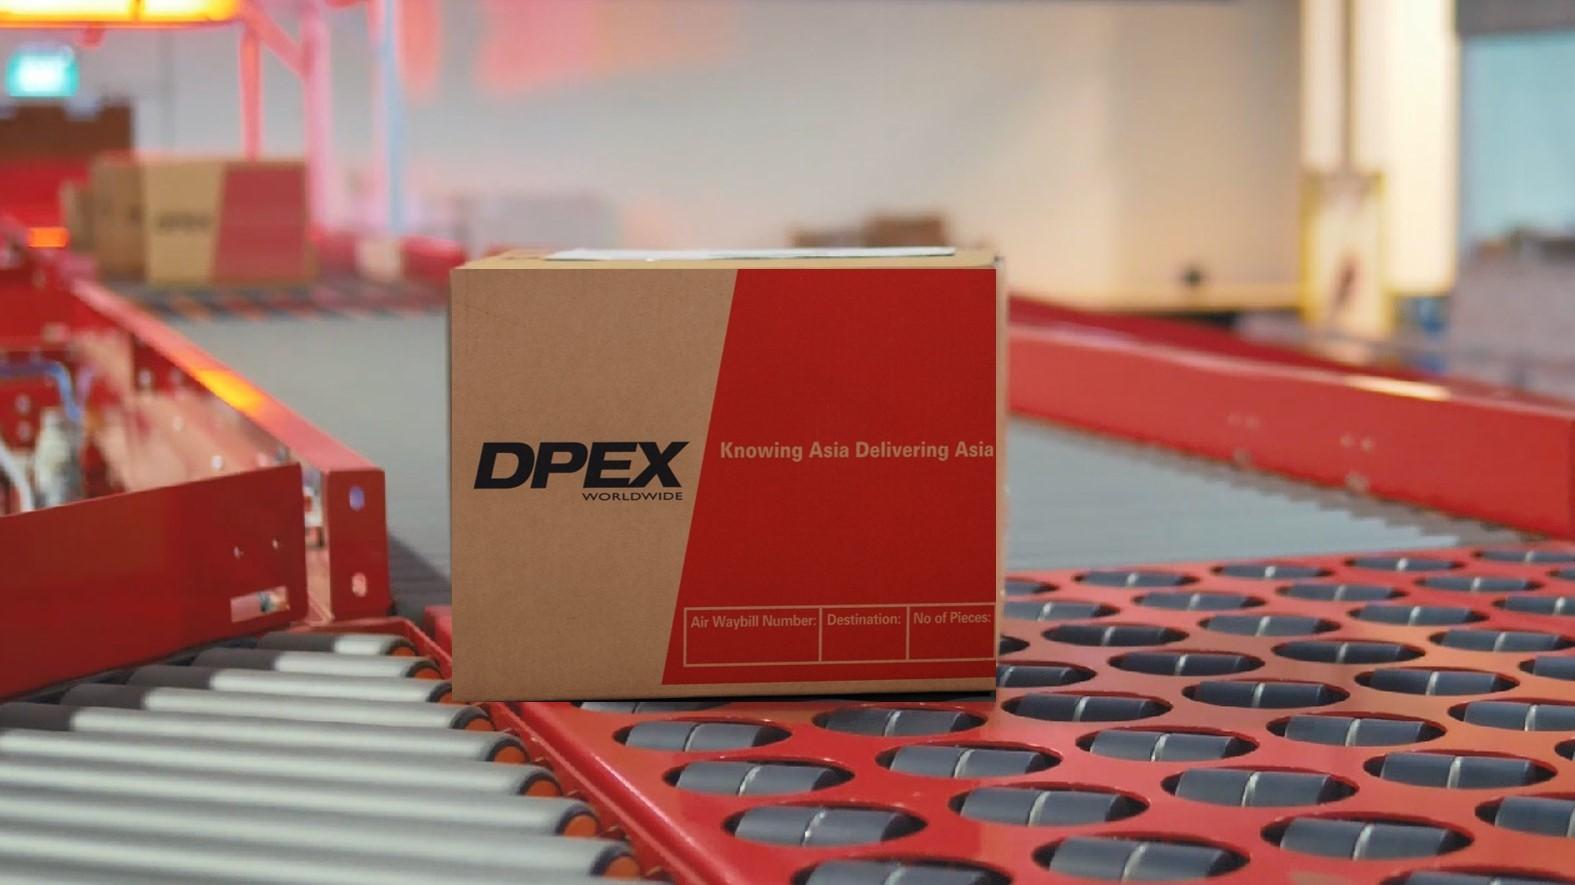 DPEX Worldwide